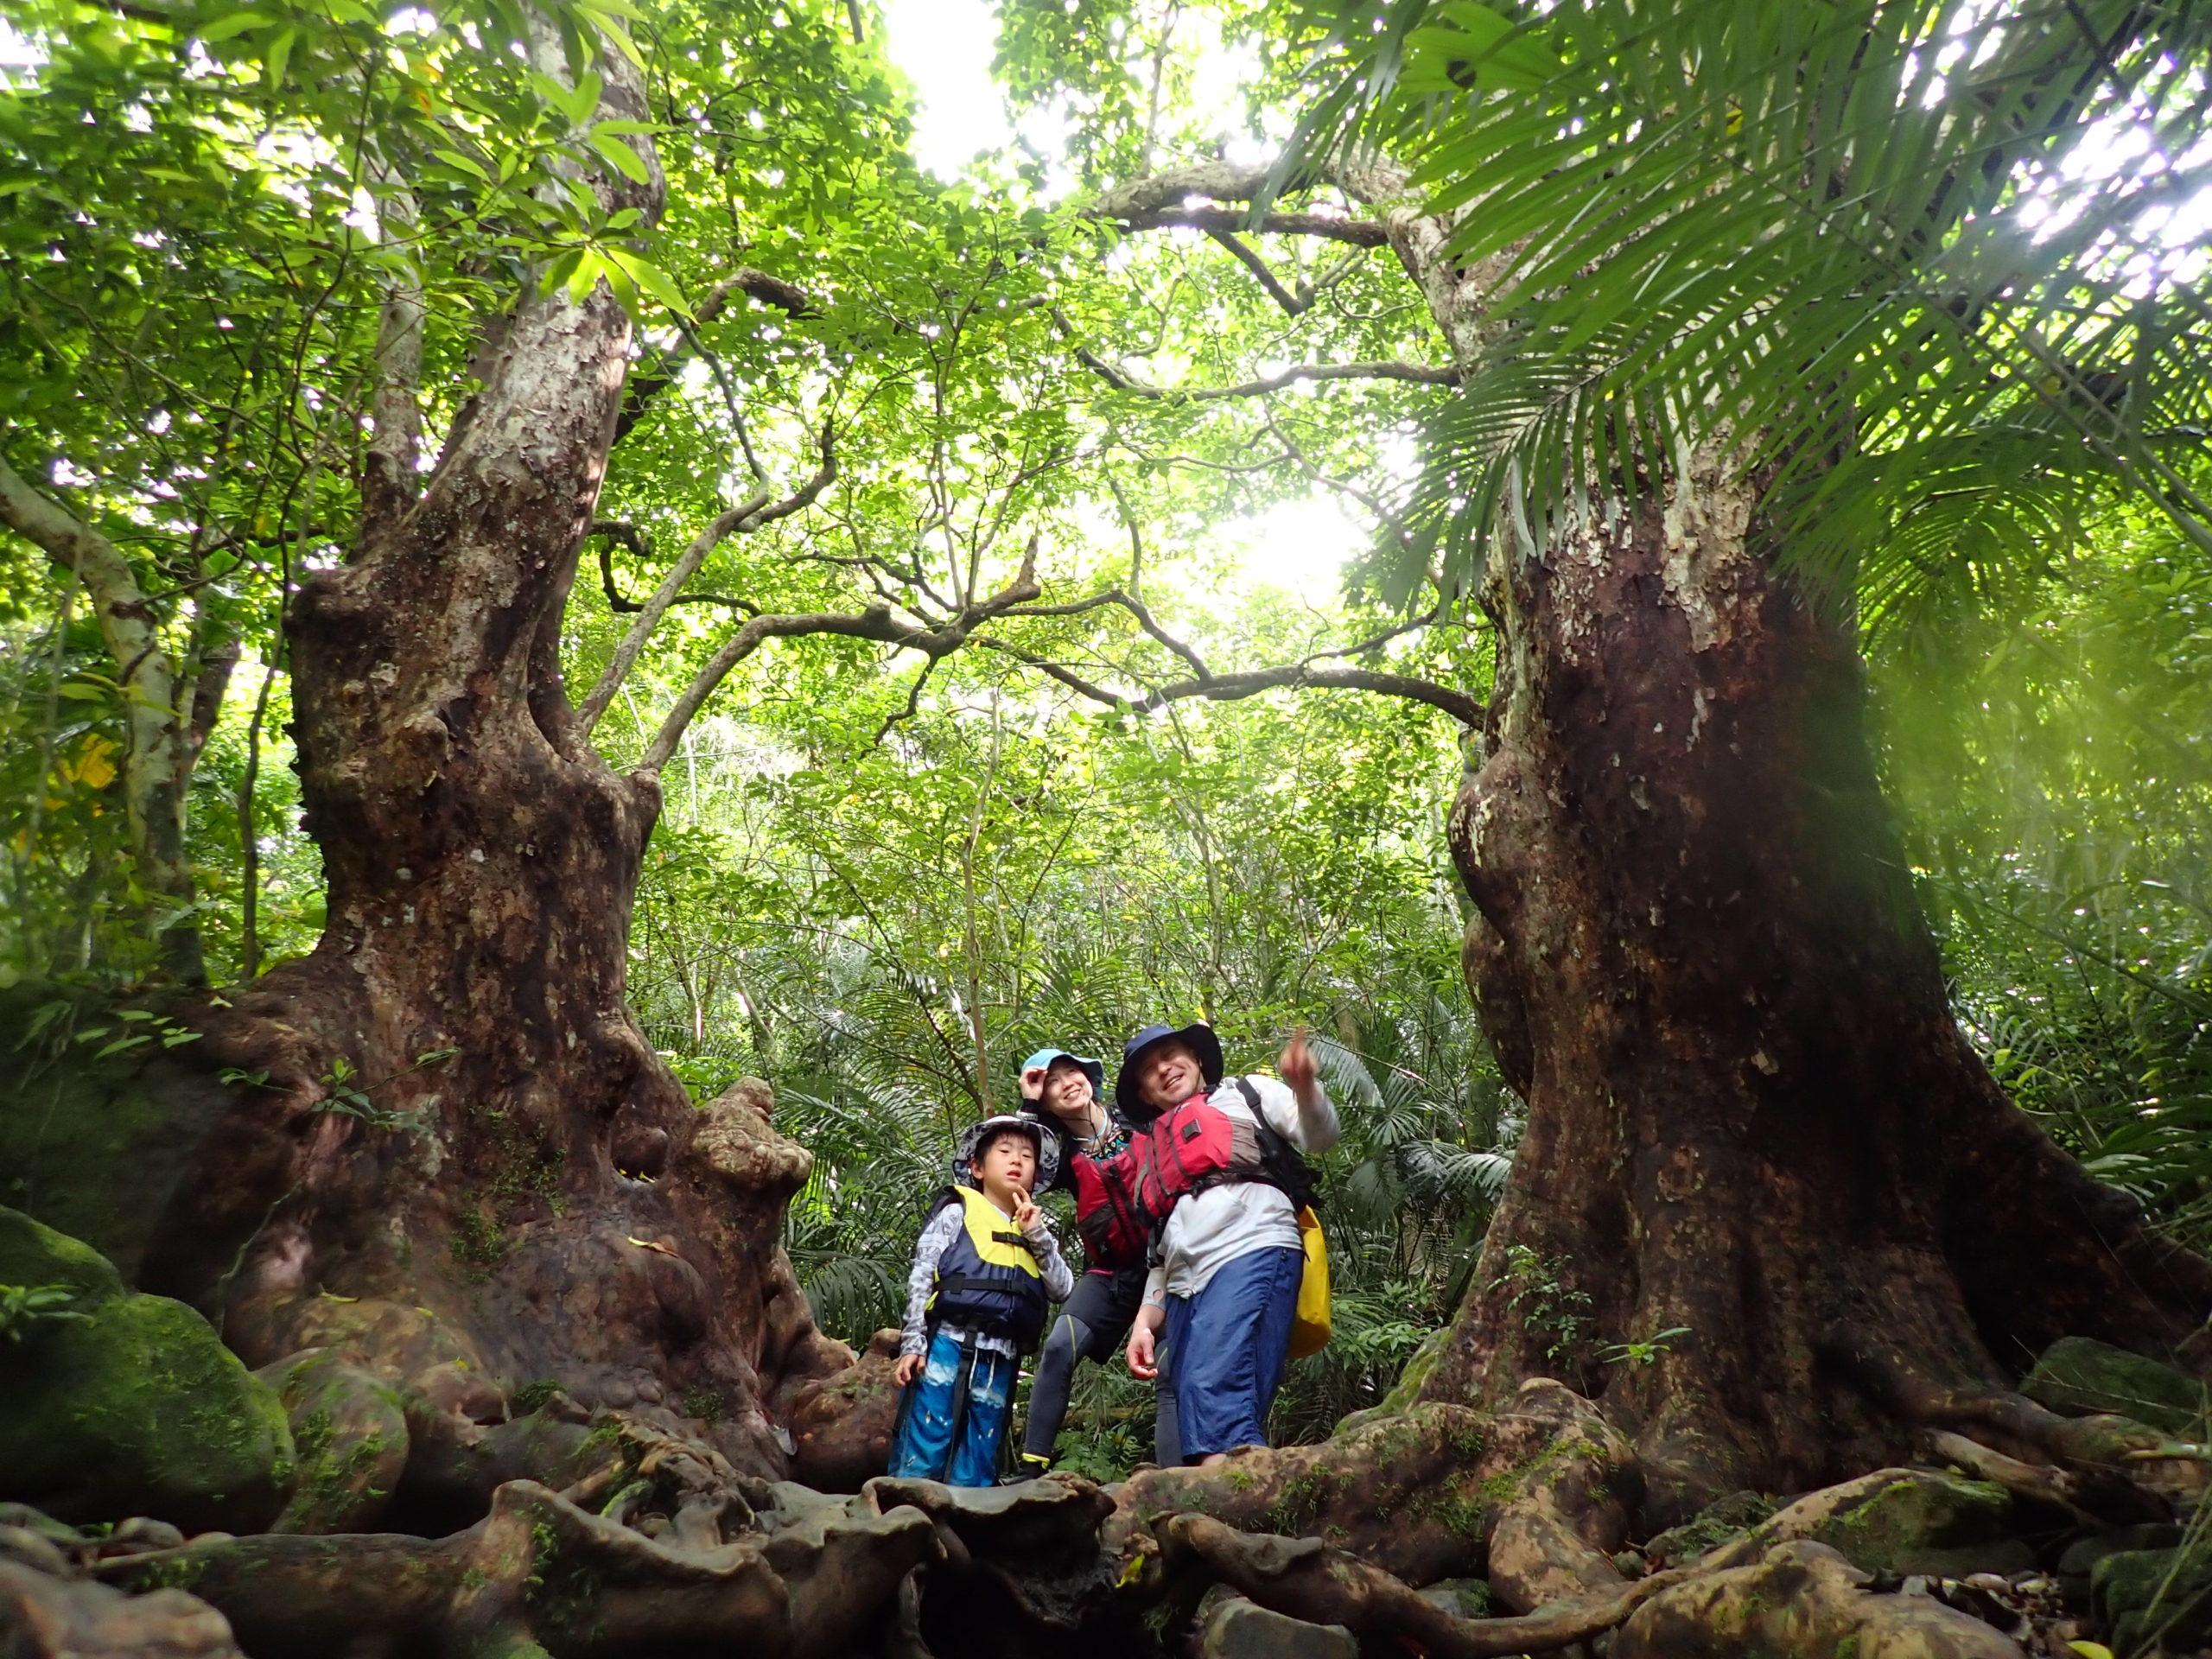 小さな体で大冒険!家族旅行は西表島で一生忘れない経験を。ピナイサーラの滝カヌー&由布島ツアー